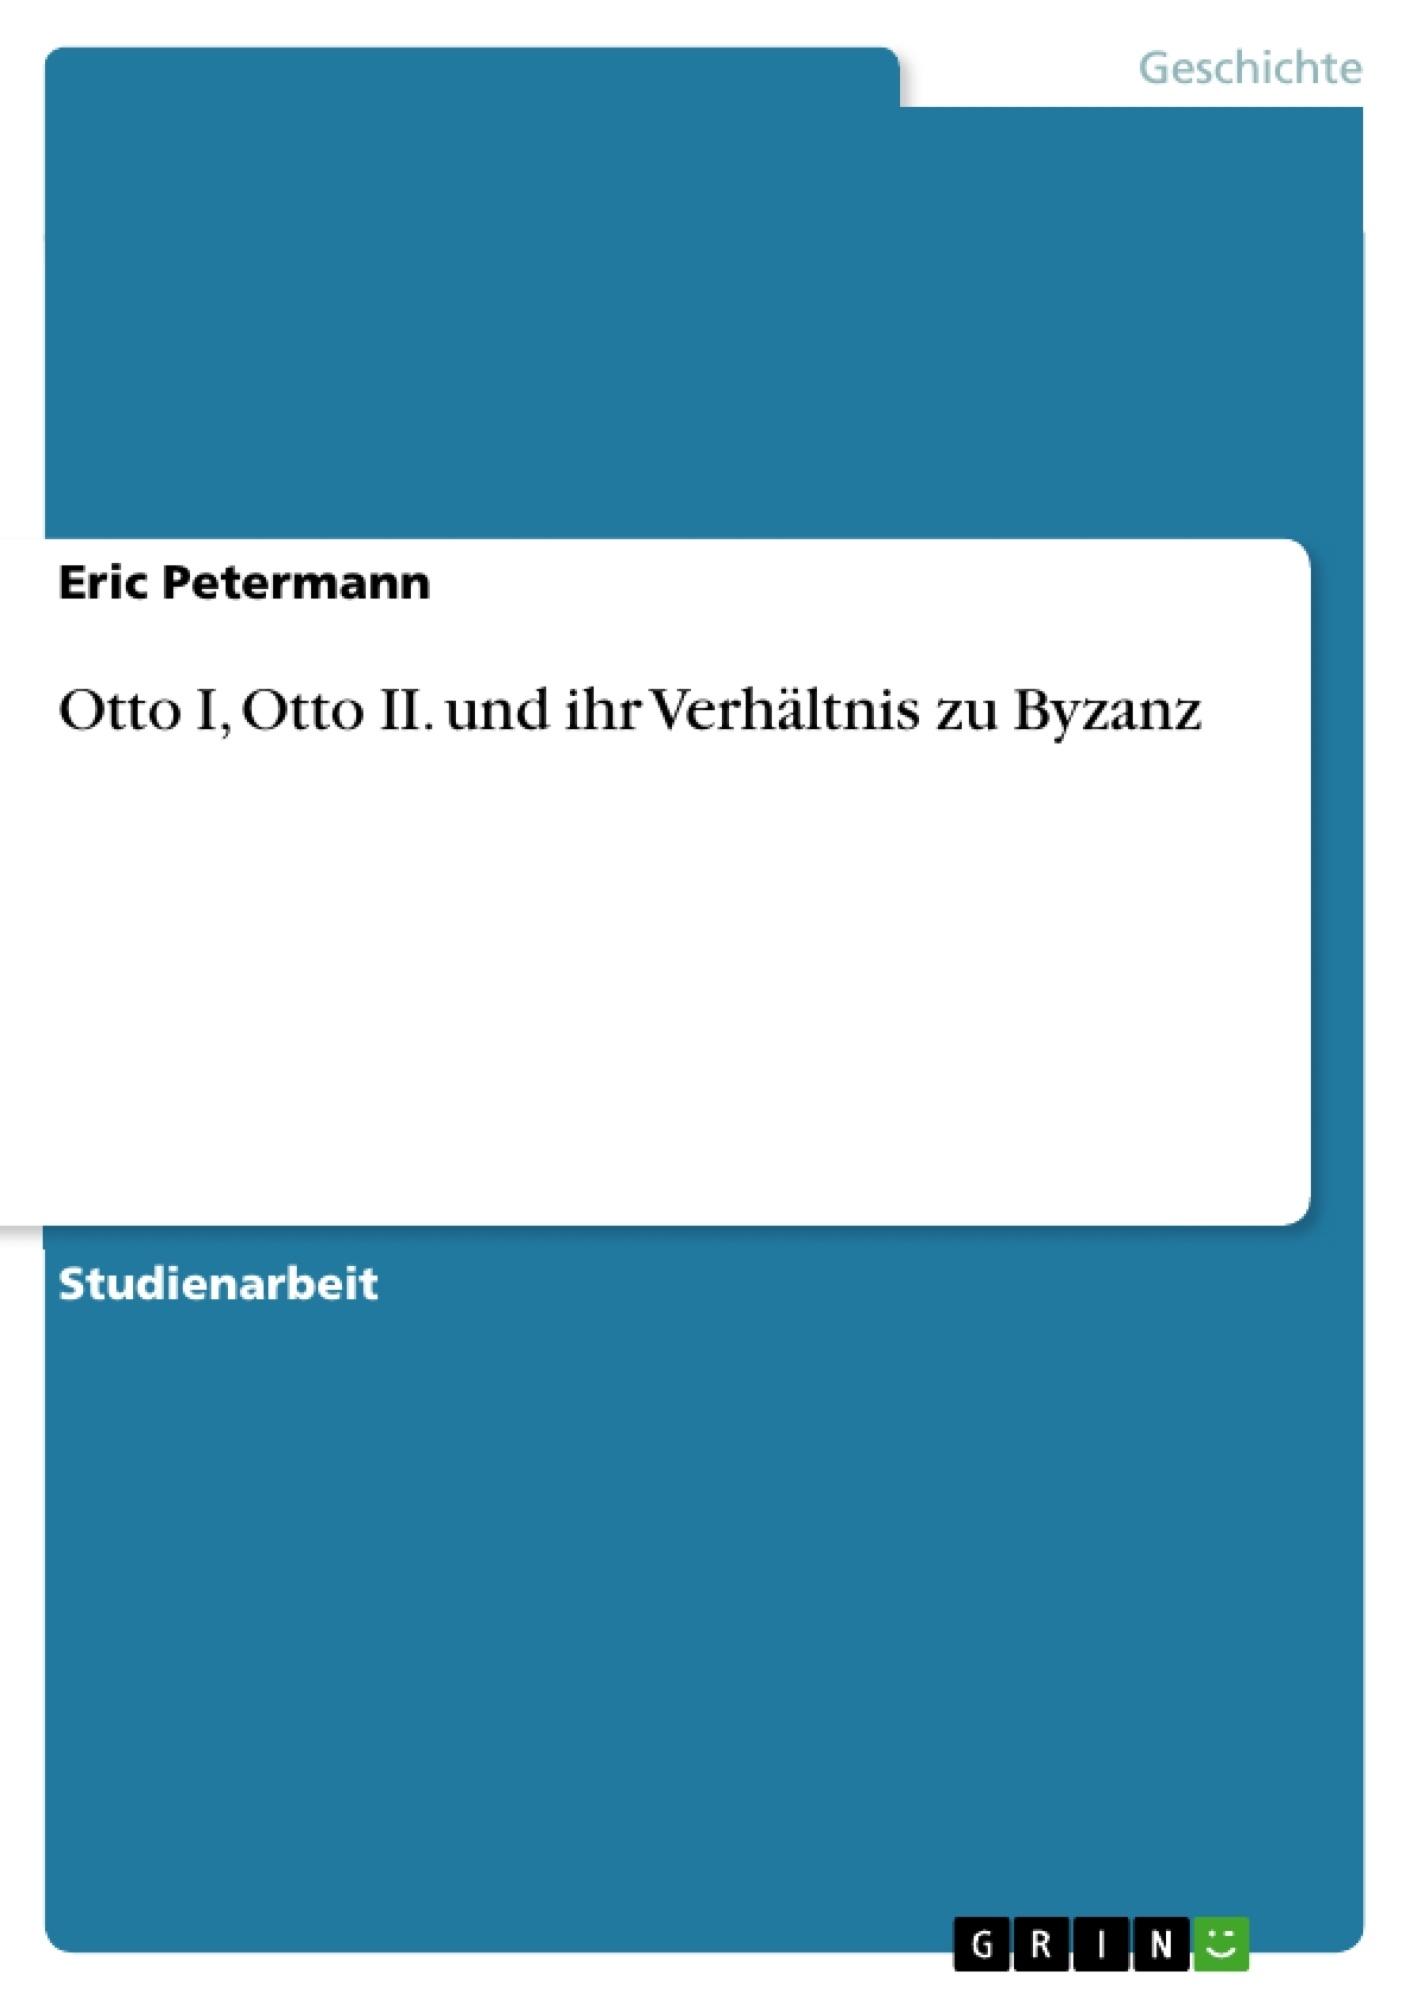 Titel: Otto I, Otto II. und ihr Verhältnis zu Byzanz